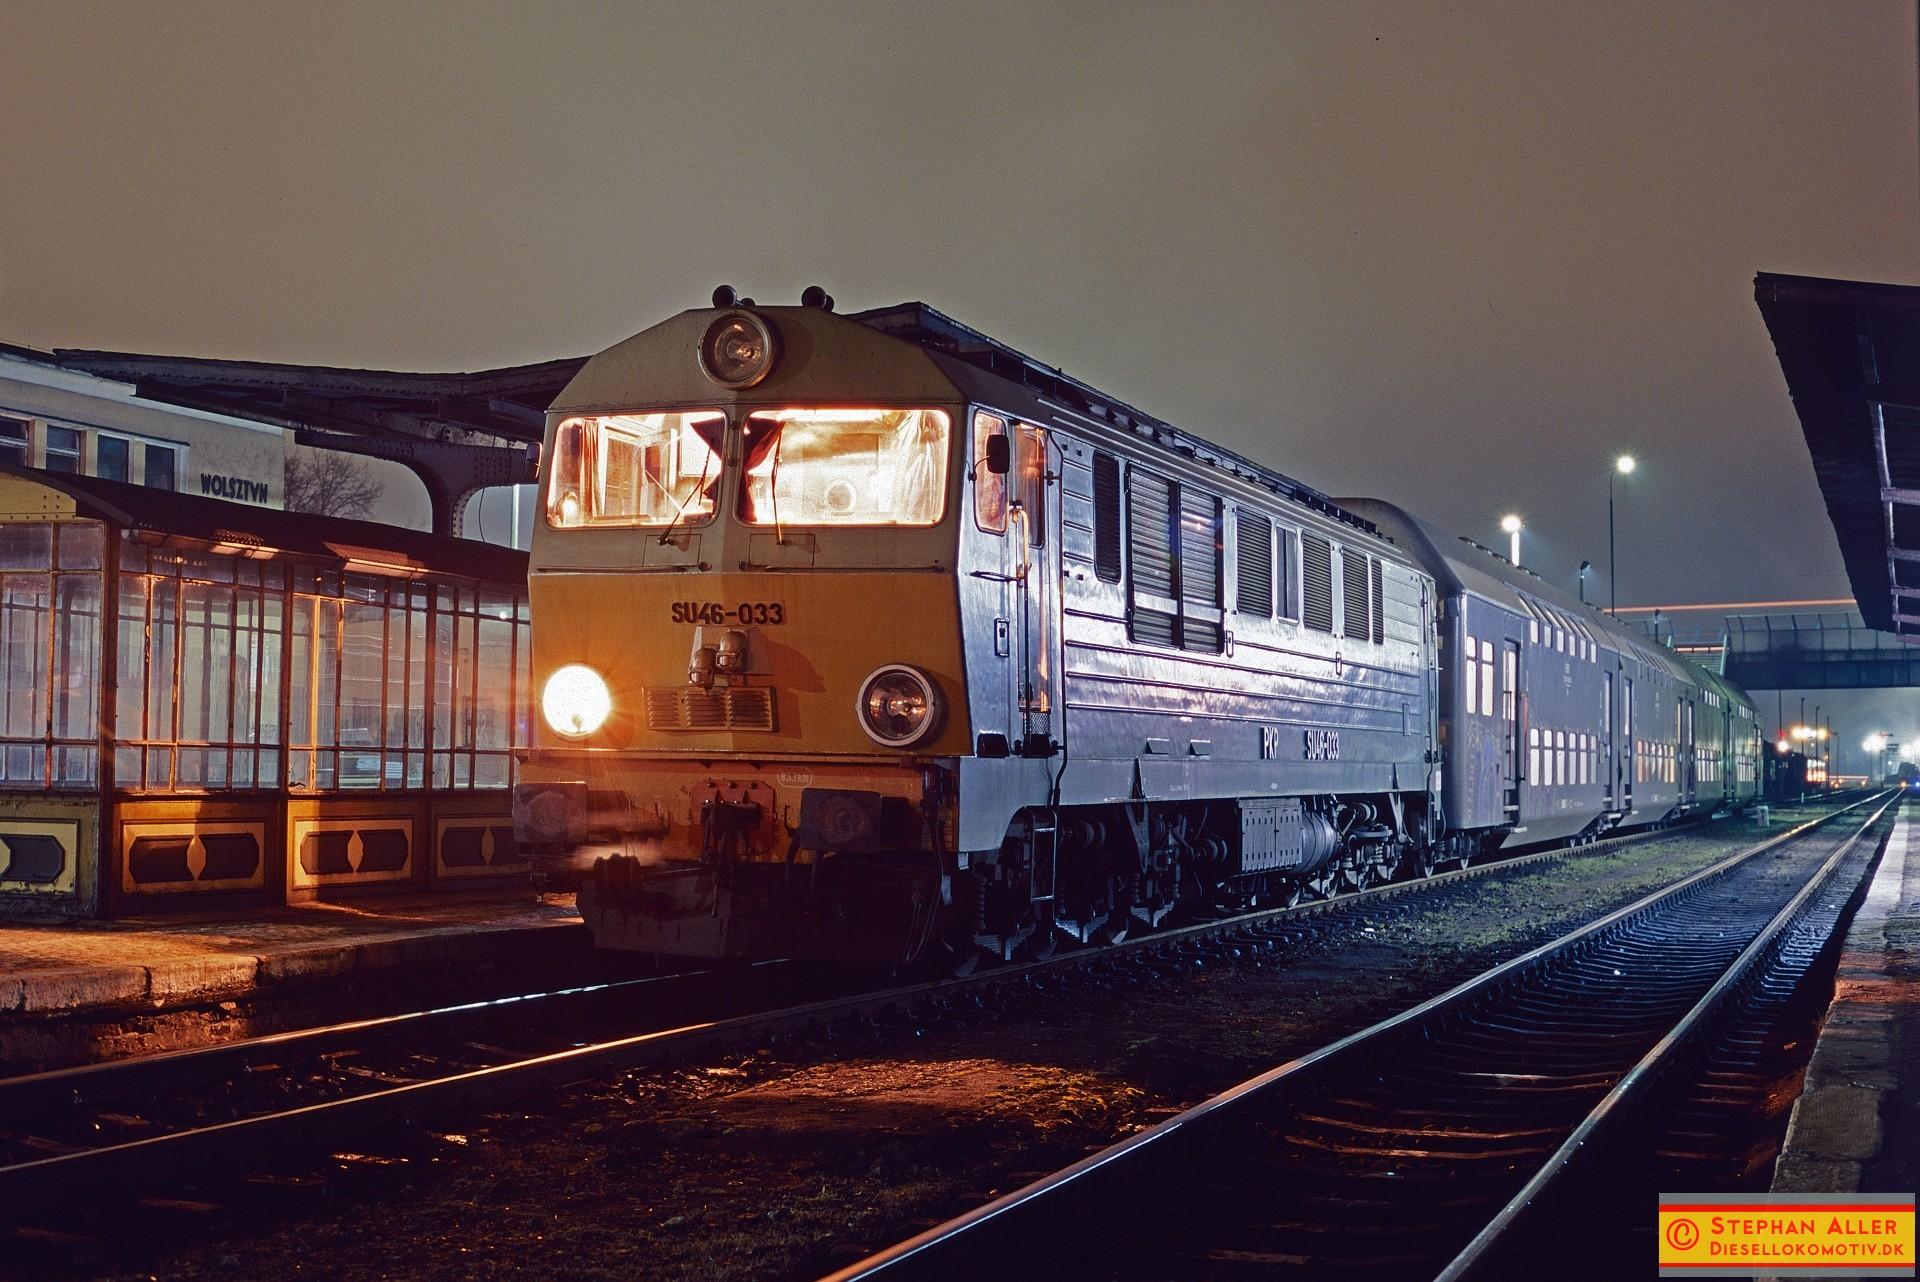 FP2943r